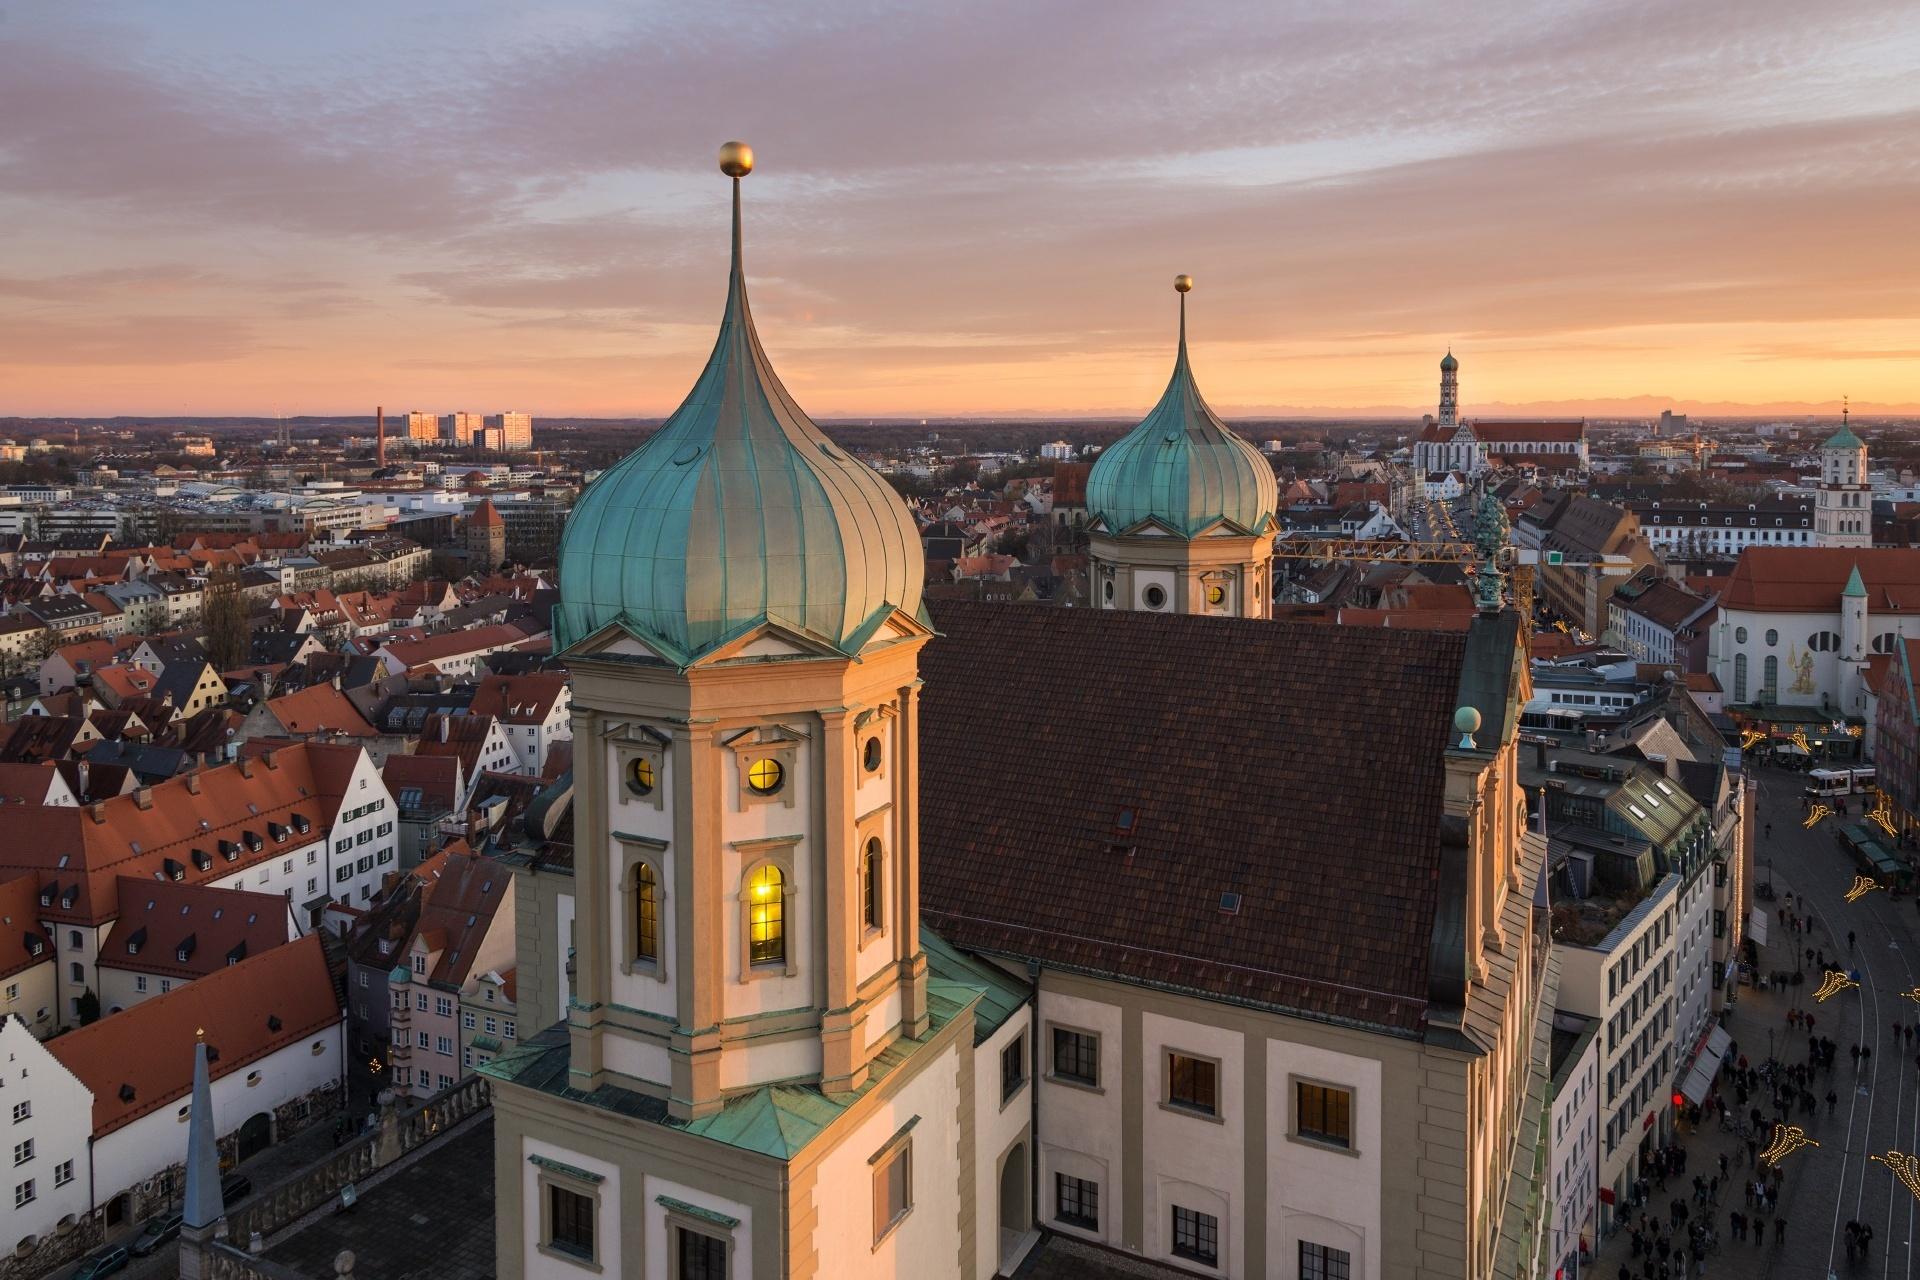 アウクスブルク市庁舎と夕暮れの町並み ドイツの風景